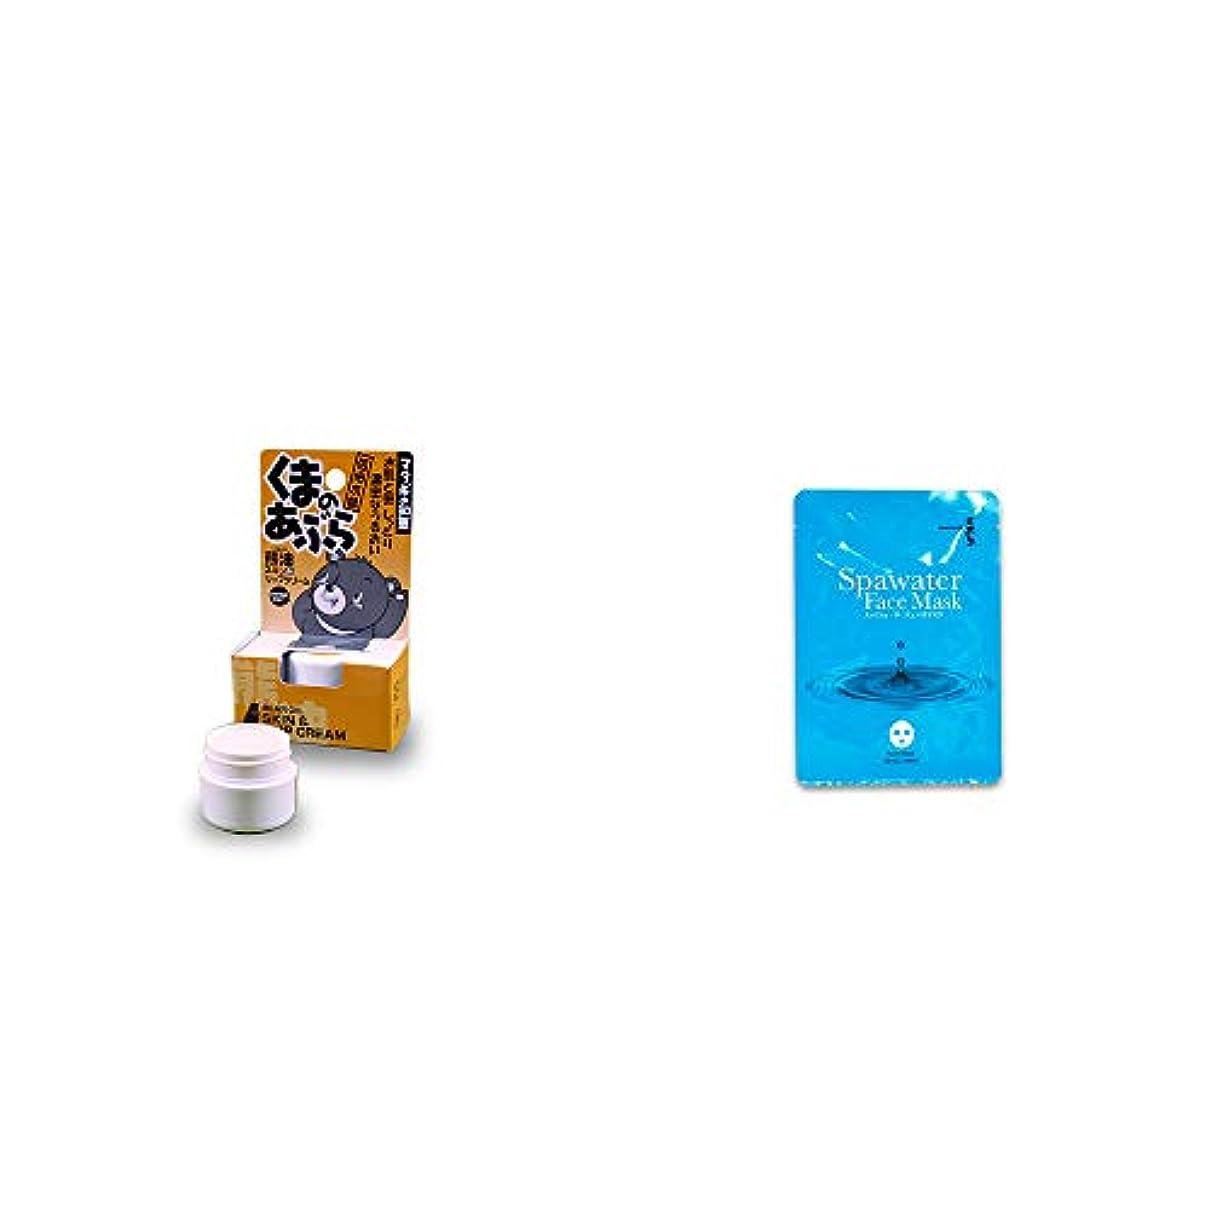 定義するチーズコーナー[2点セット] 信州木曽 くまのあぶら 熊油スキン&リップクリーム(9g)?ひのき炭黒泉 スパウォーターフェイスマスク(18ml×3枚入)